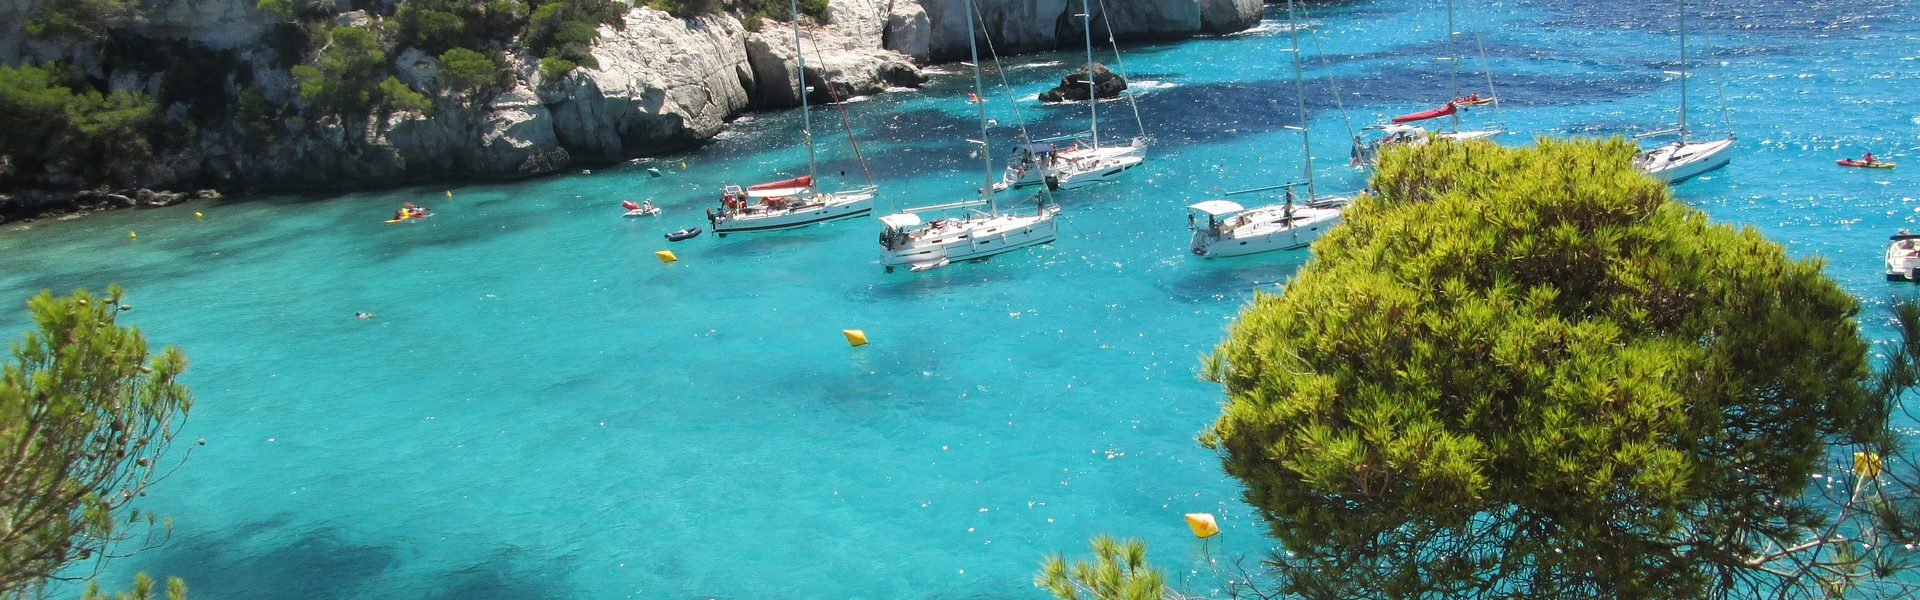 Minorca – Resort Accessibile in Stile Minorchino